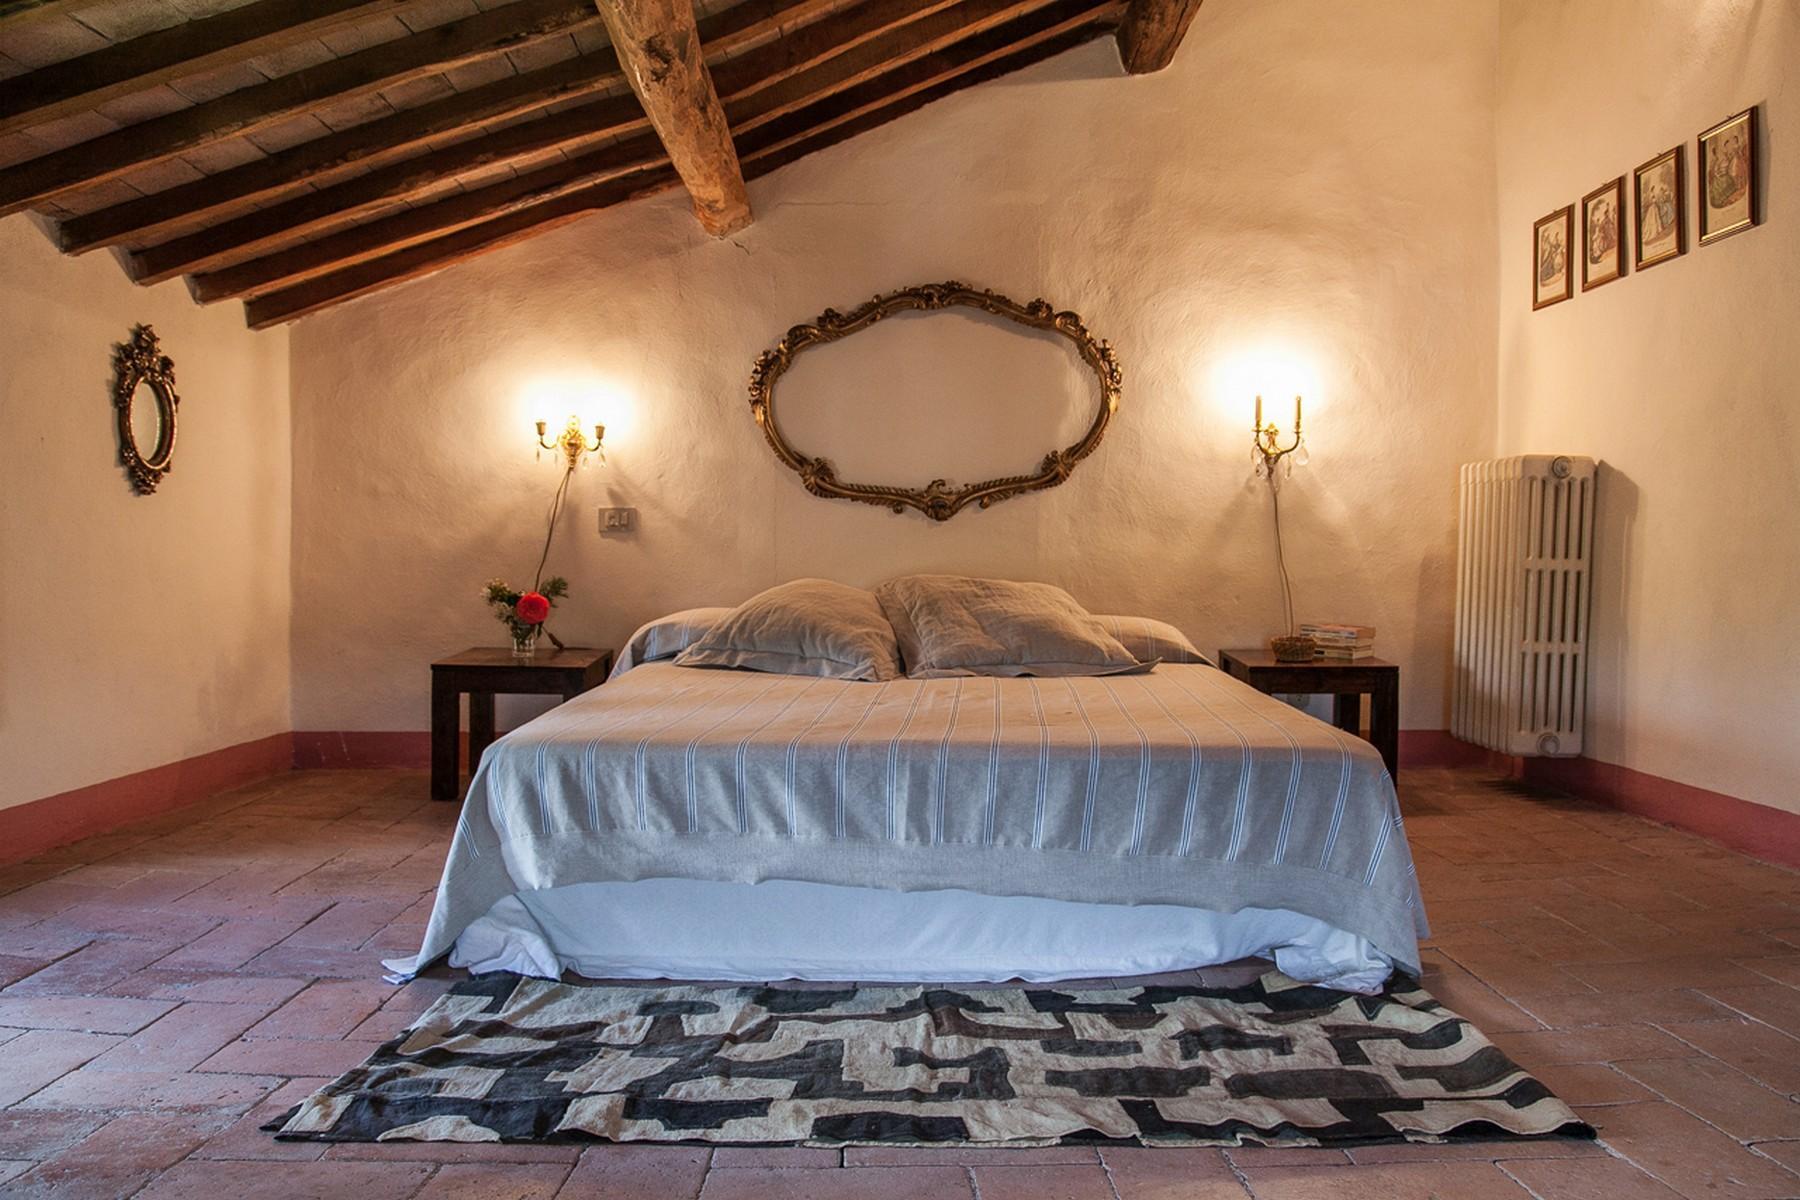 来自16世纪锡耶纳乡村优雅而古典的农舍 - 21